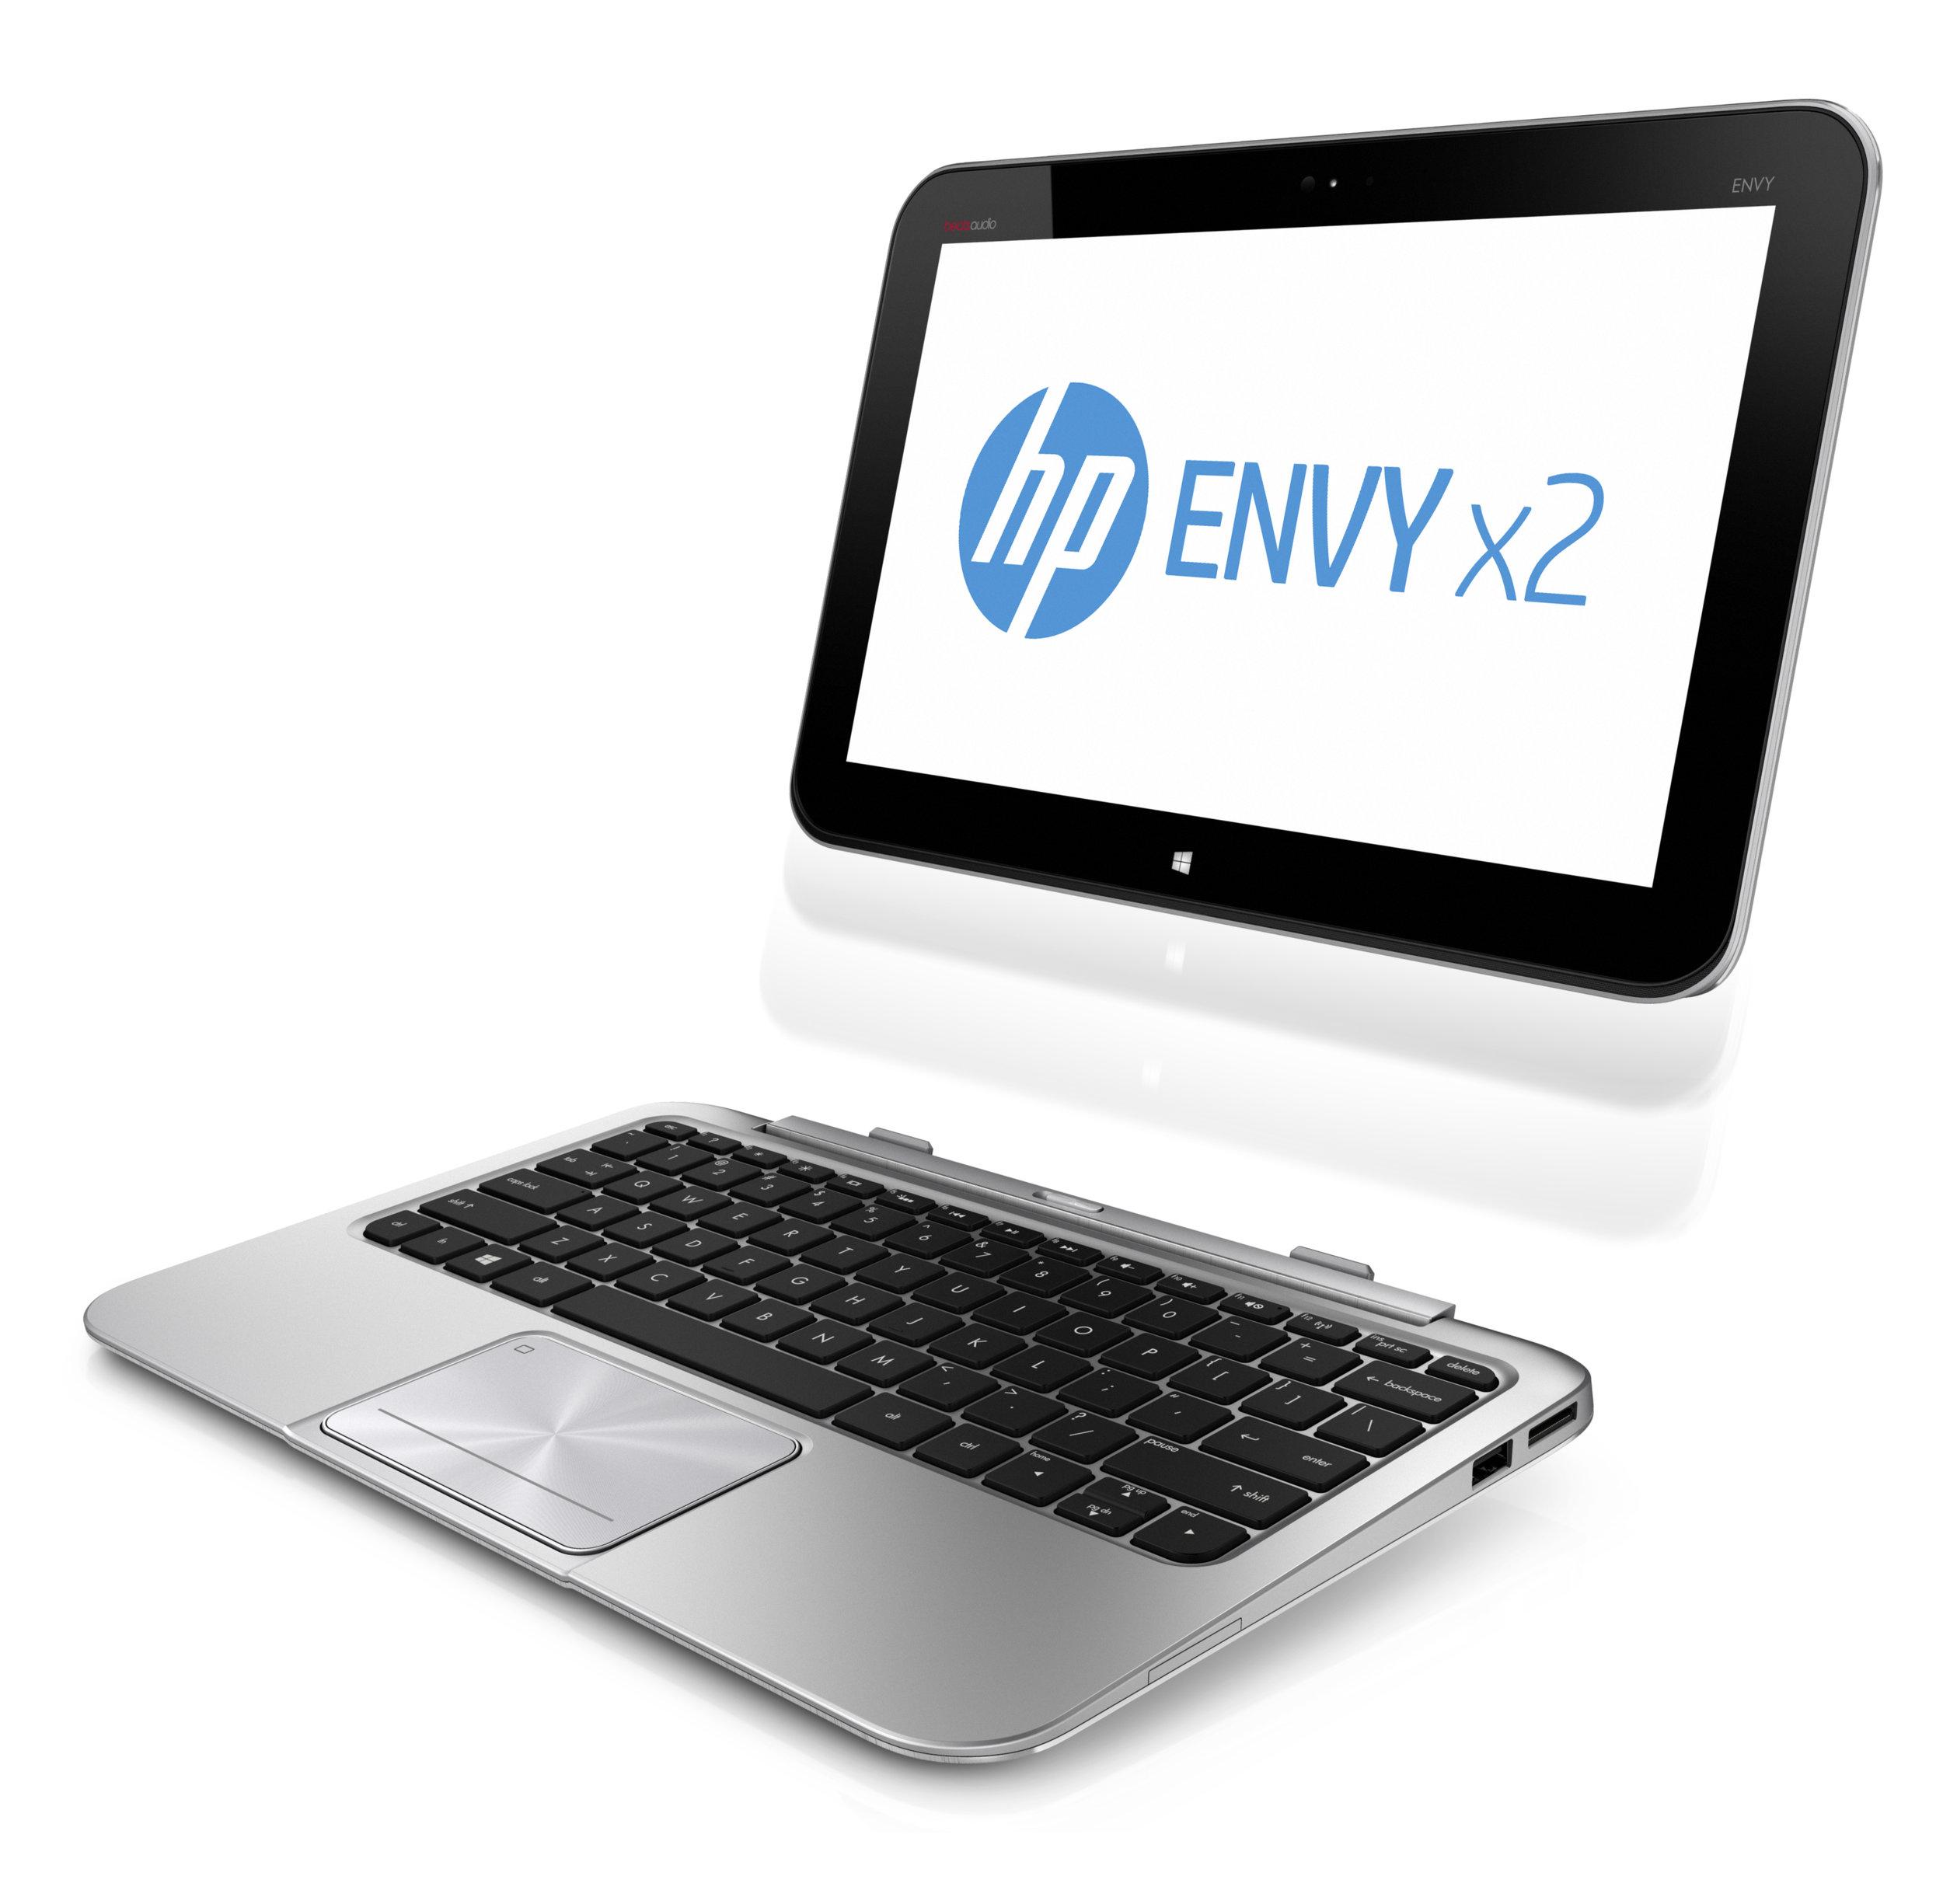 HP-ENVY-x2.jpg